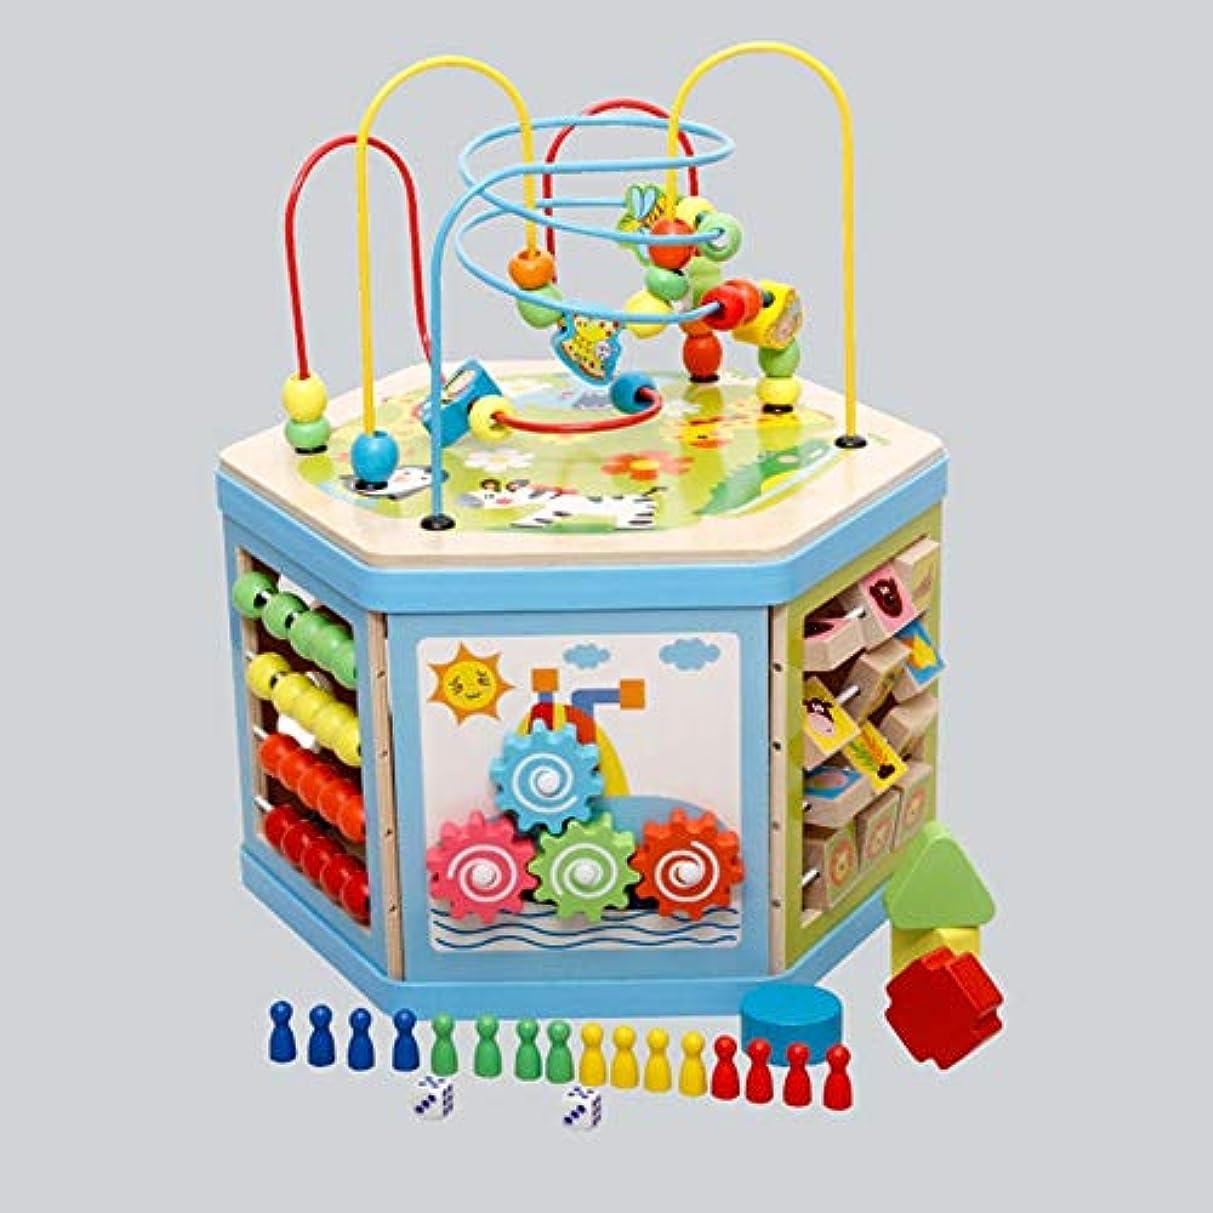 容器シロクマ足音ビーズコースター ルーピング子供 知育玩具 セット ウッドベビー活動歯車にキューブ、ビーズ迷路、ソーターシェイプ、乳幼児が認知および運動技能を教えるためにキューブを再生します 人気 早期開発 指先訓練 積み木 男の子 女の子 誕生日のプレゼント (Color : Multi-colored, Size : Free size)